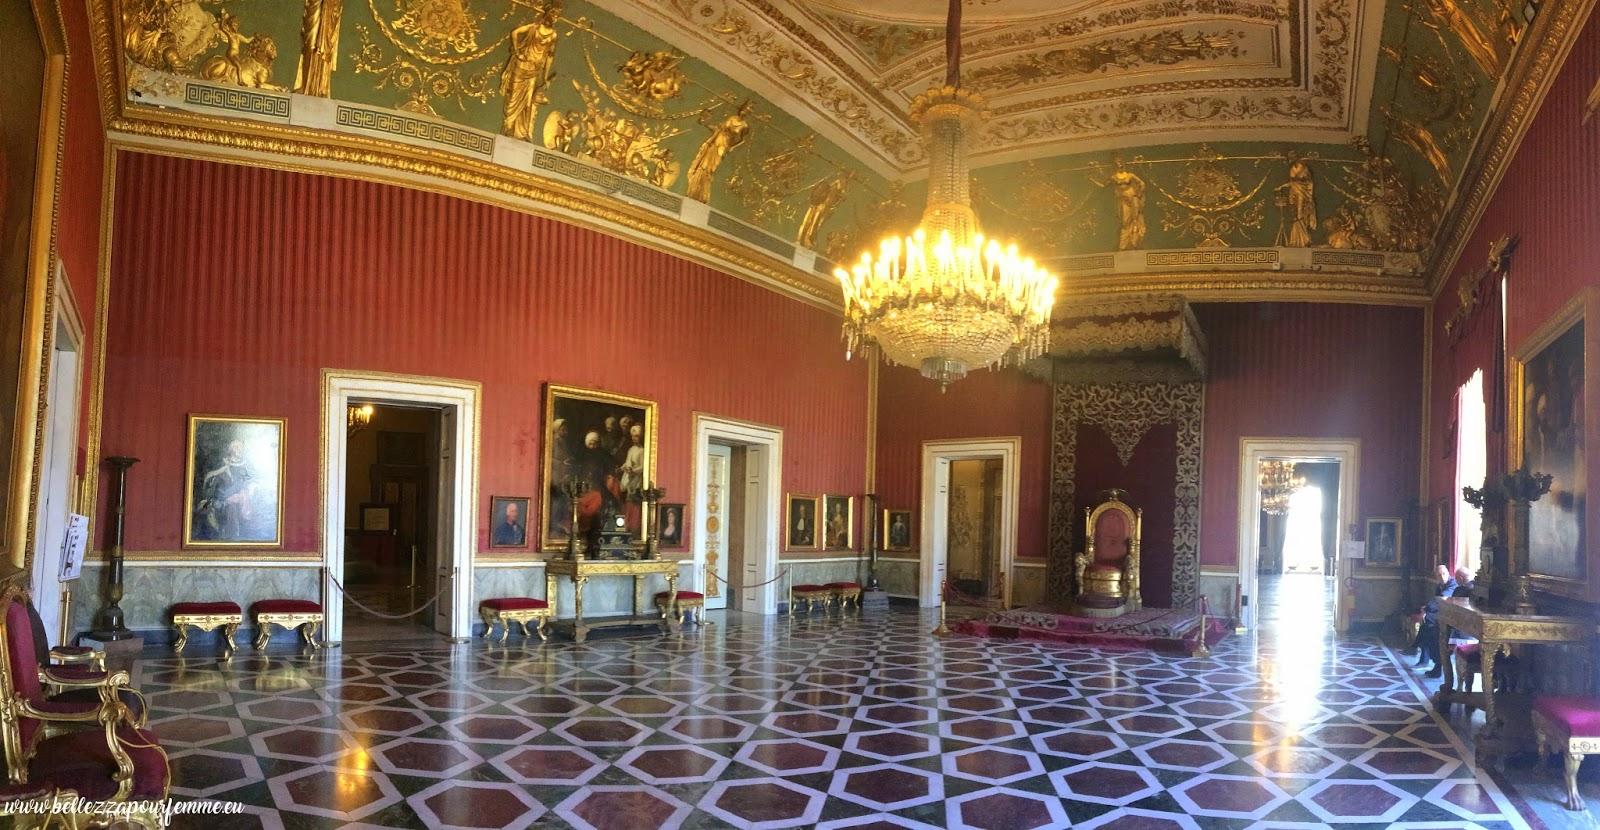 Palazzo Reale di Napoli -  Sala del trono